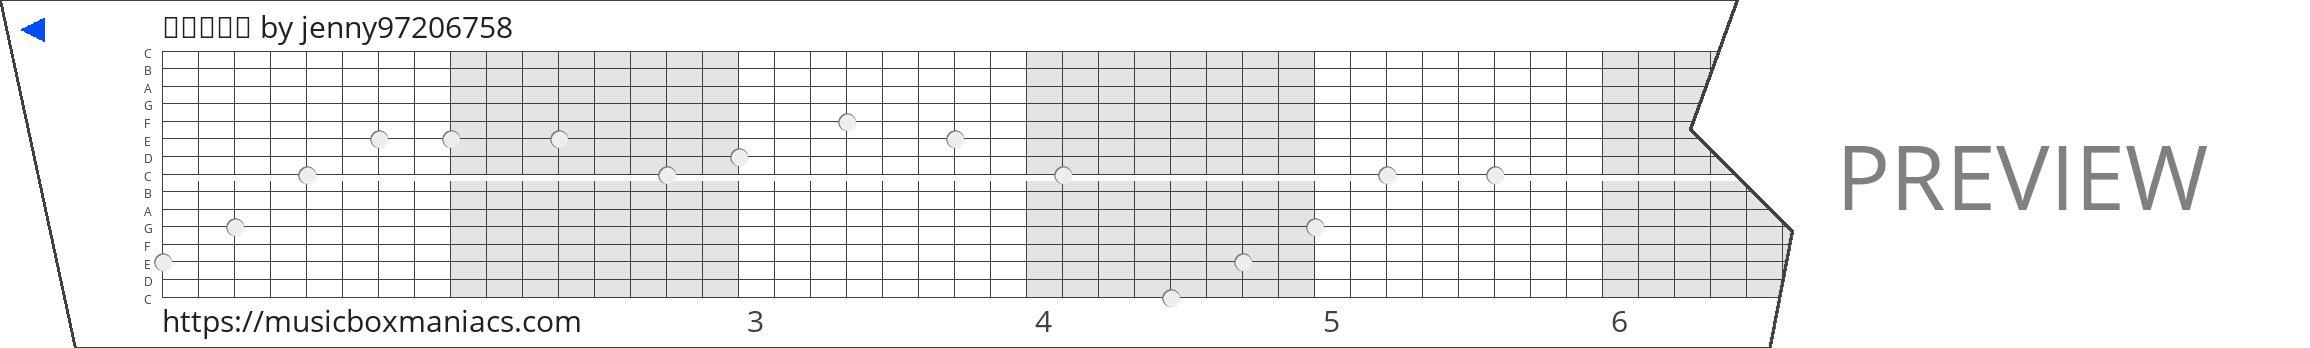 ㅎㅎㅎㅎㅎ 15 note music box paper strip